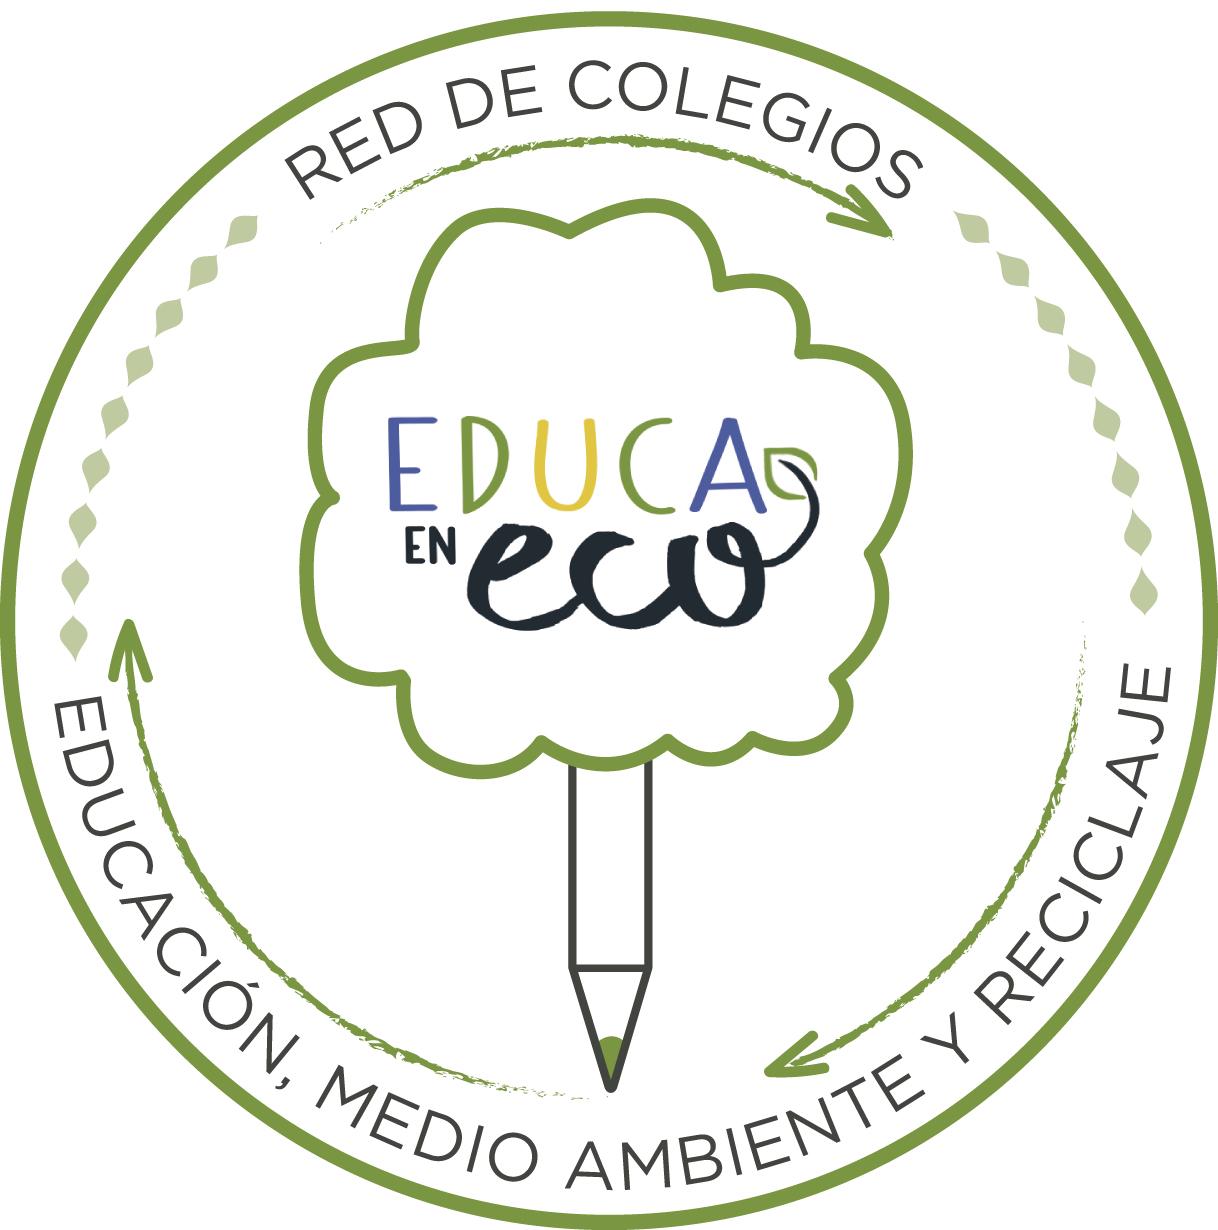 Red de Colegios EducaEnEco